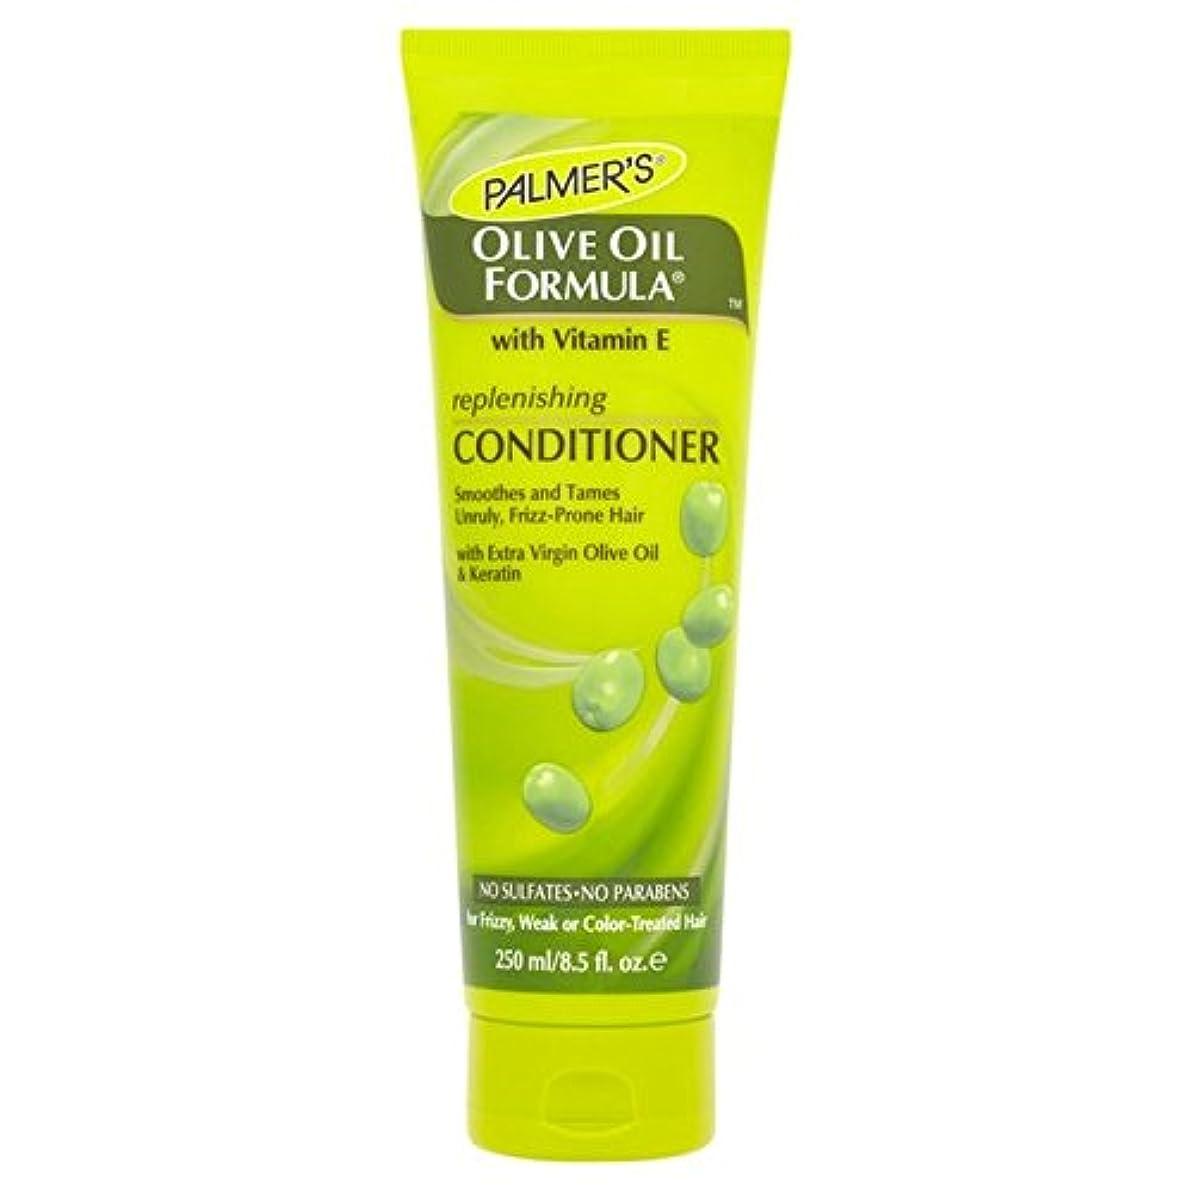 運河チップクリーナーパーマーのオリーブオイル式リストアコンディショナー250 x4 - Palmer's Olive Oil Formula Restoring Conditioner 250ml (Pack of 4) [並行輸入品]